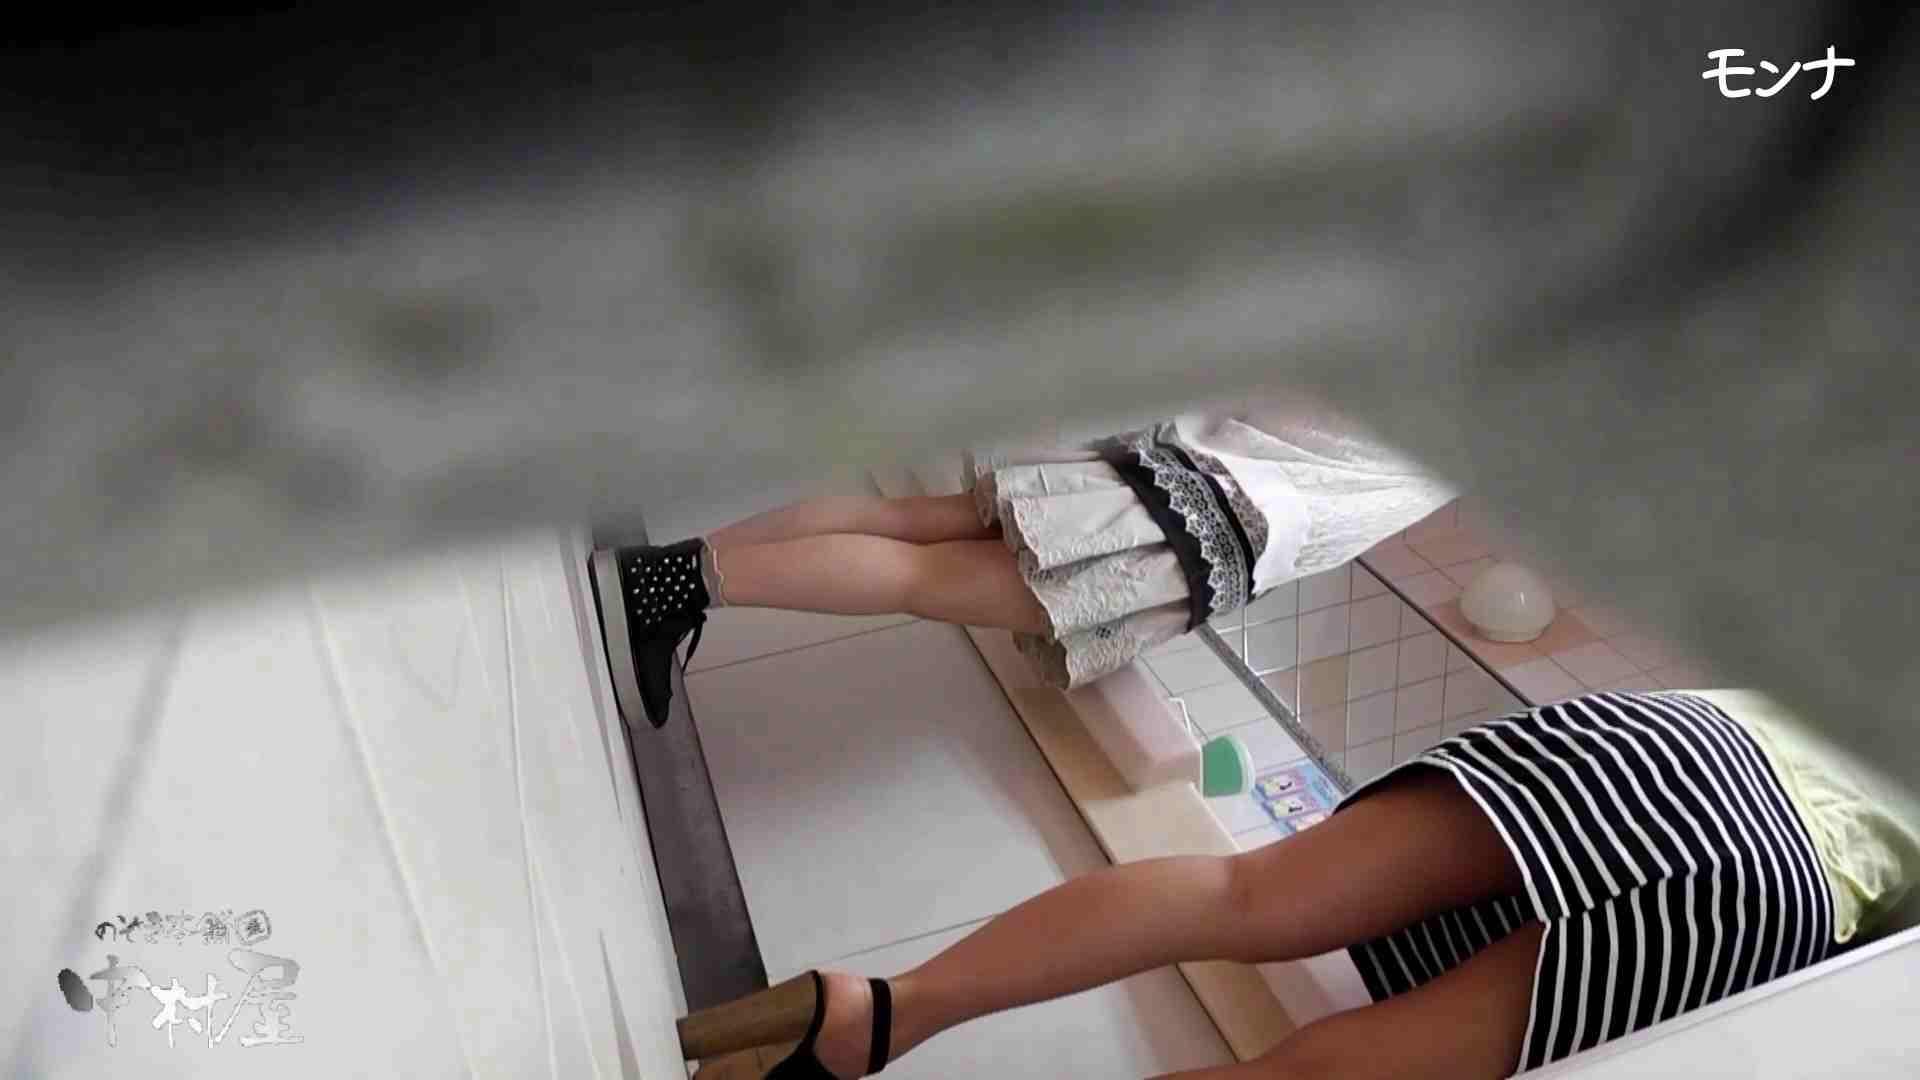 【美しい日本の未来】美しい日本の未来 No.70 若さゆえの美しい丸み 覗き 隠し撮りオマンコ動画紹介 81連発 4